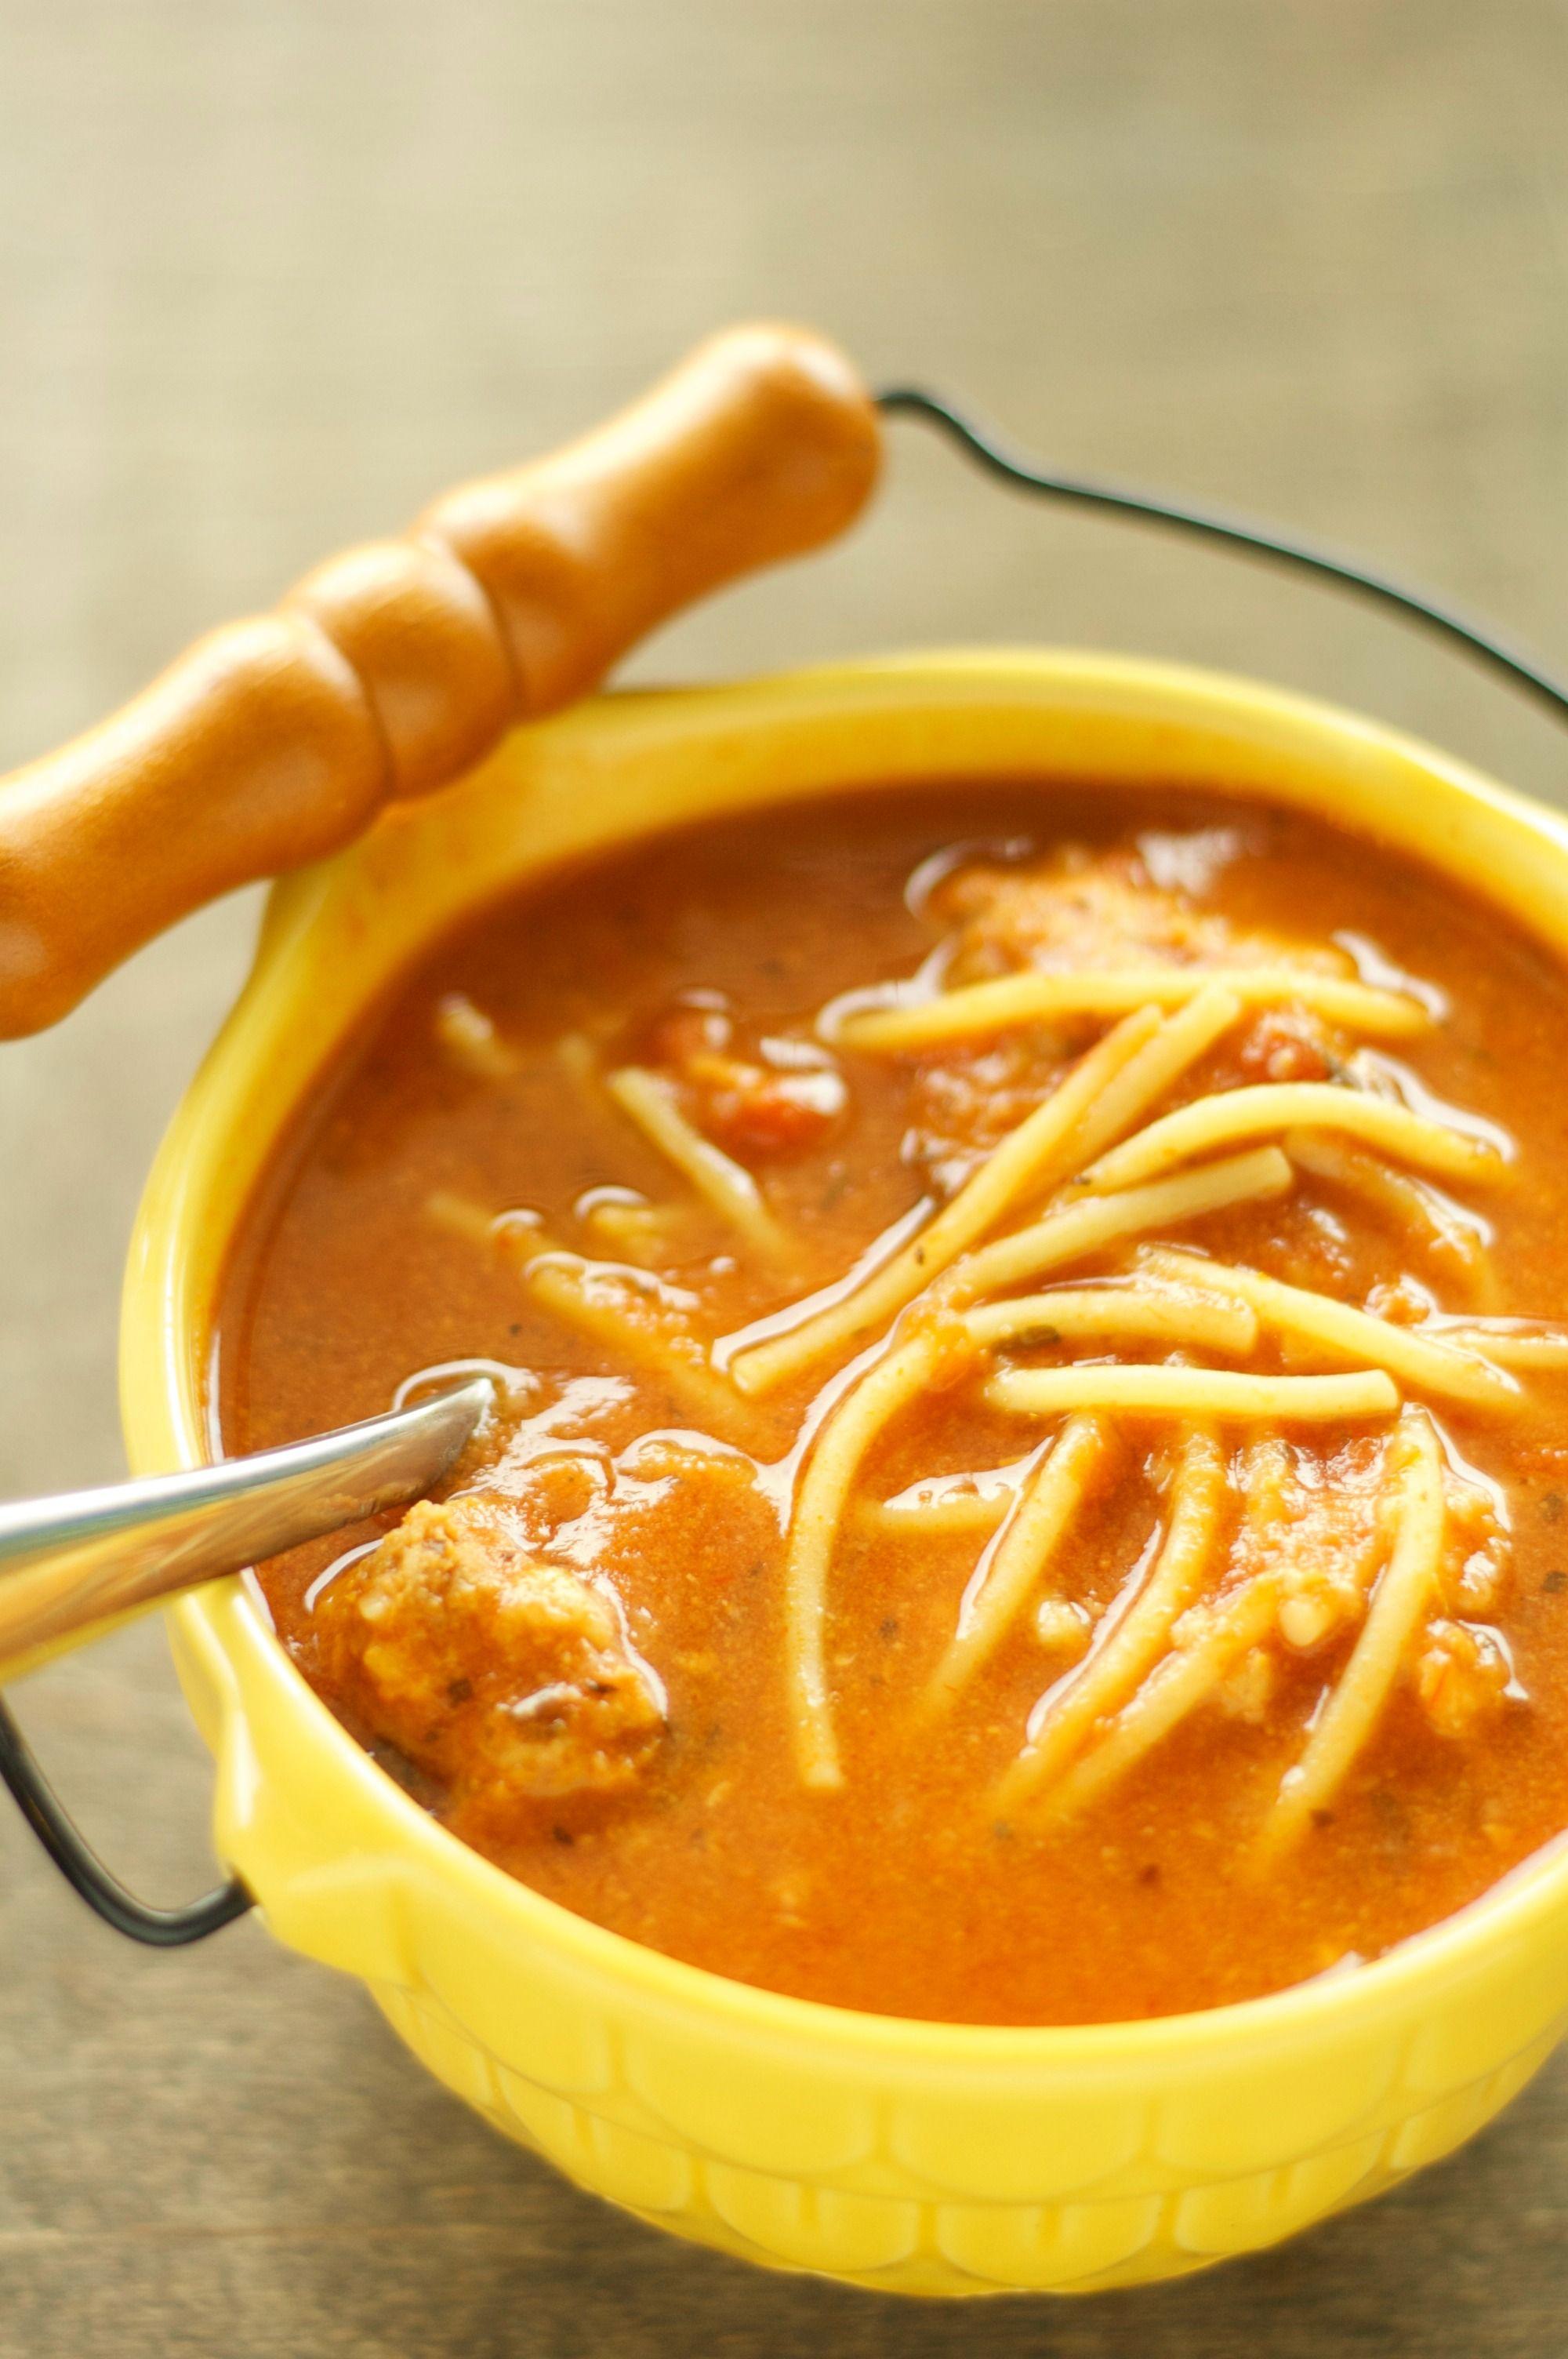 Crockpot spaghetti and meatball soup for freezercrockpot